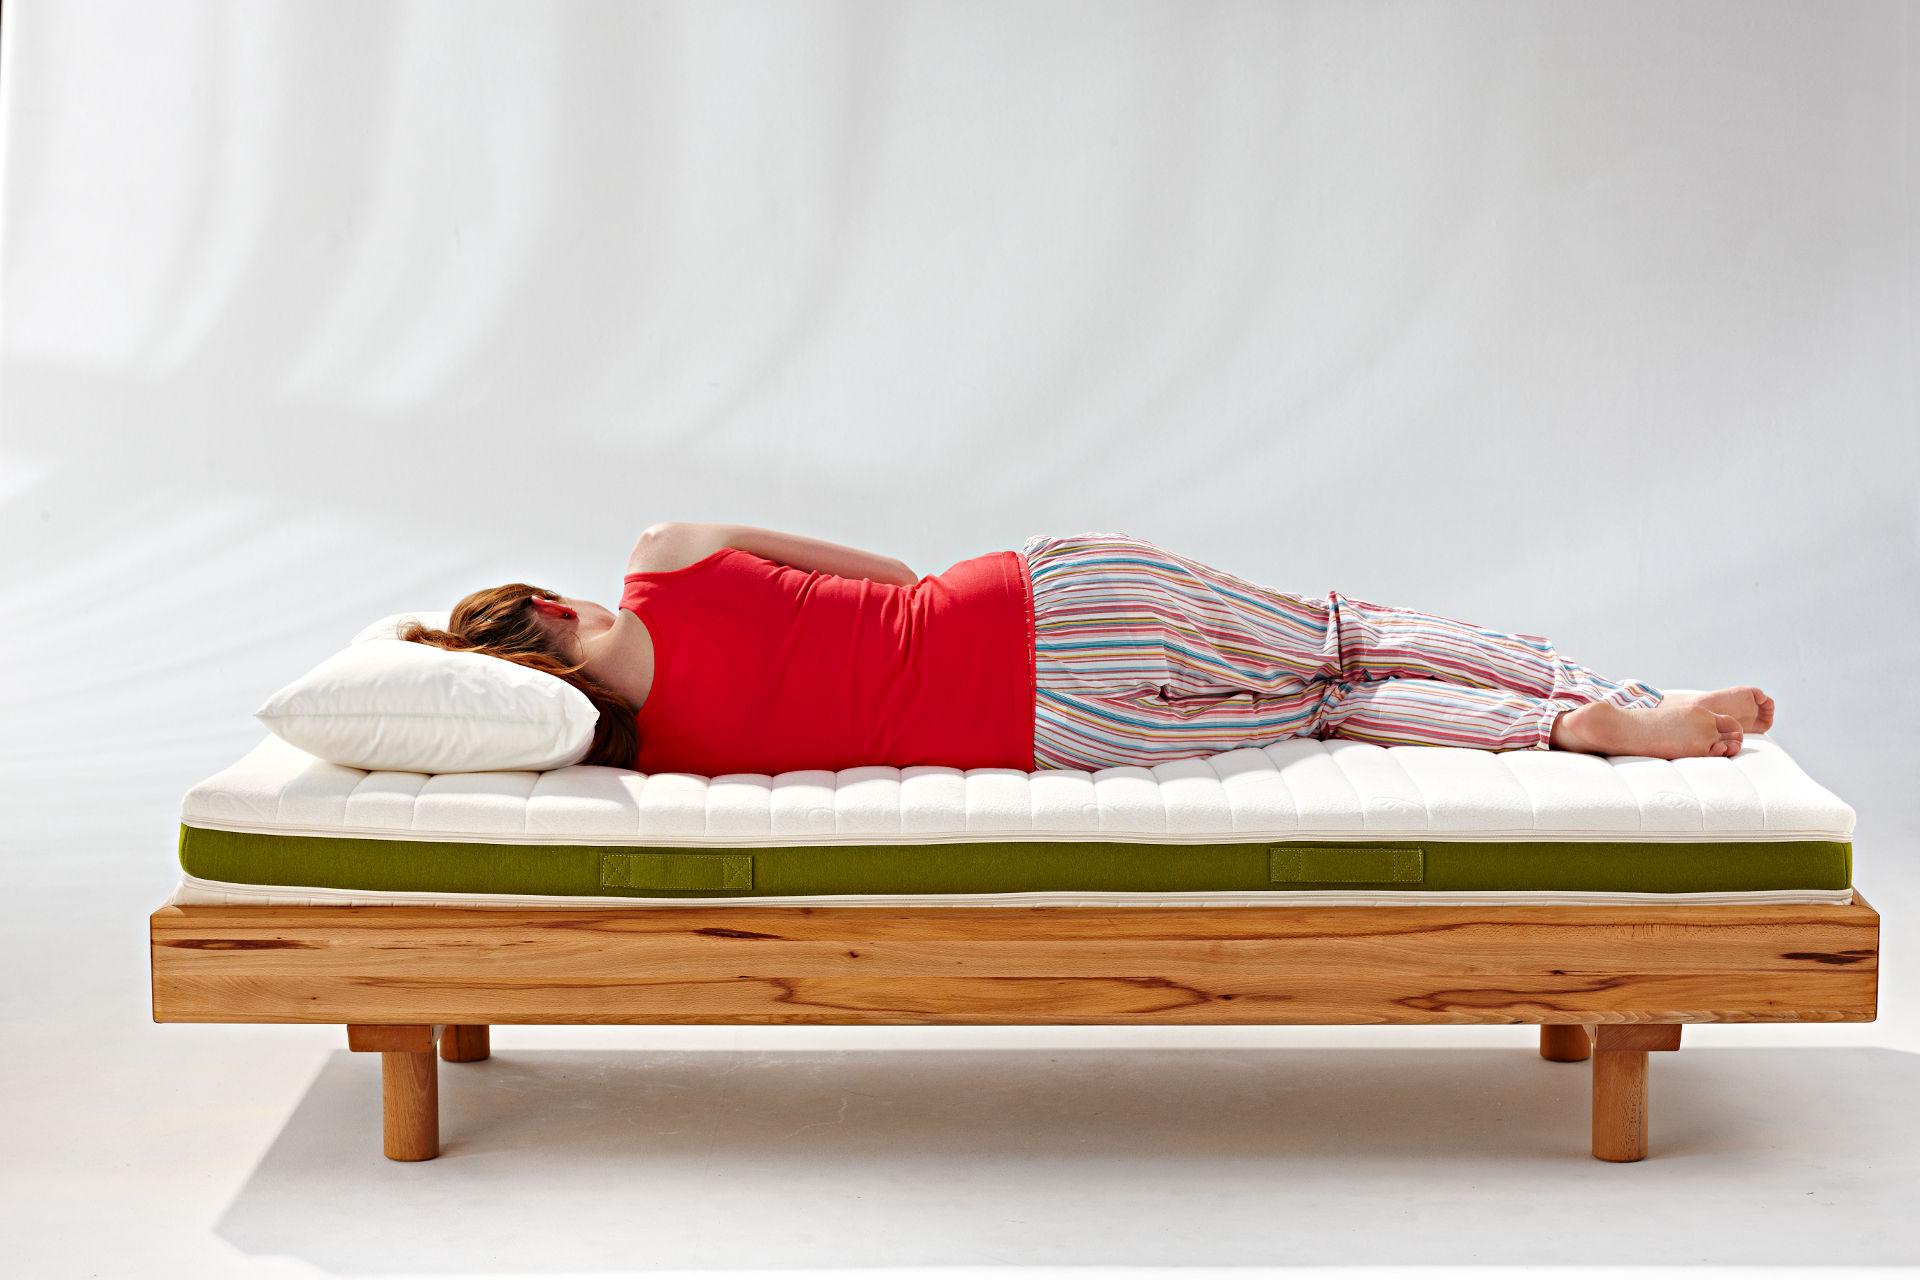 Frau schläft auf Multidorma im Massivholzbett